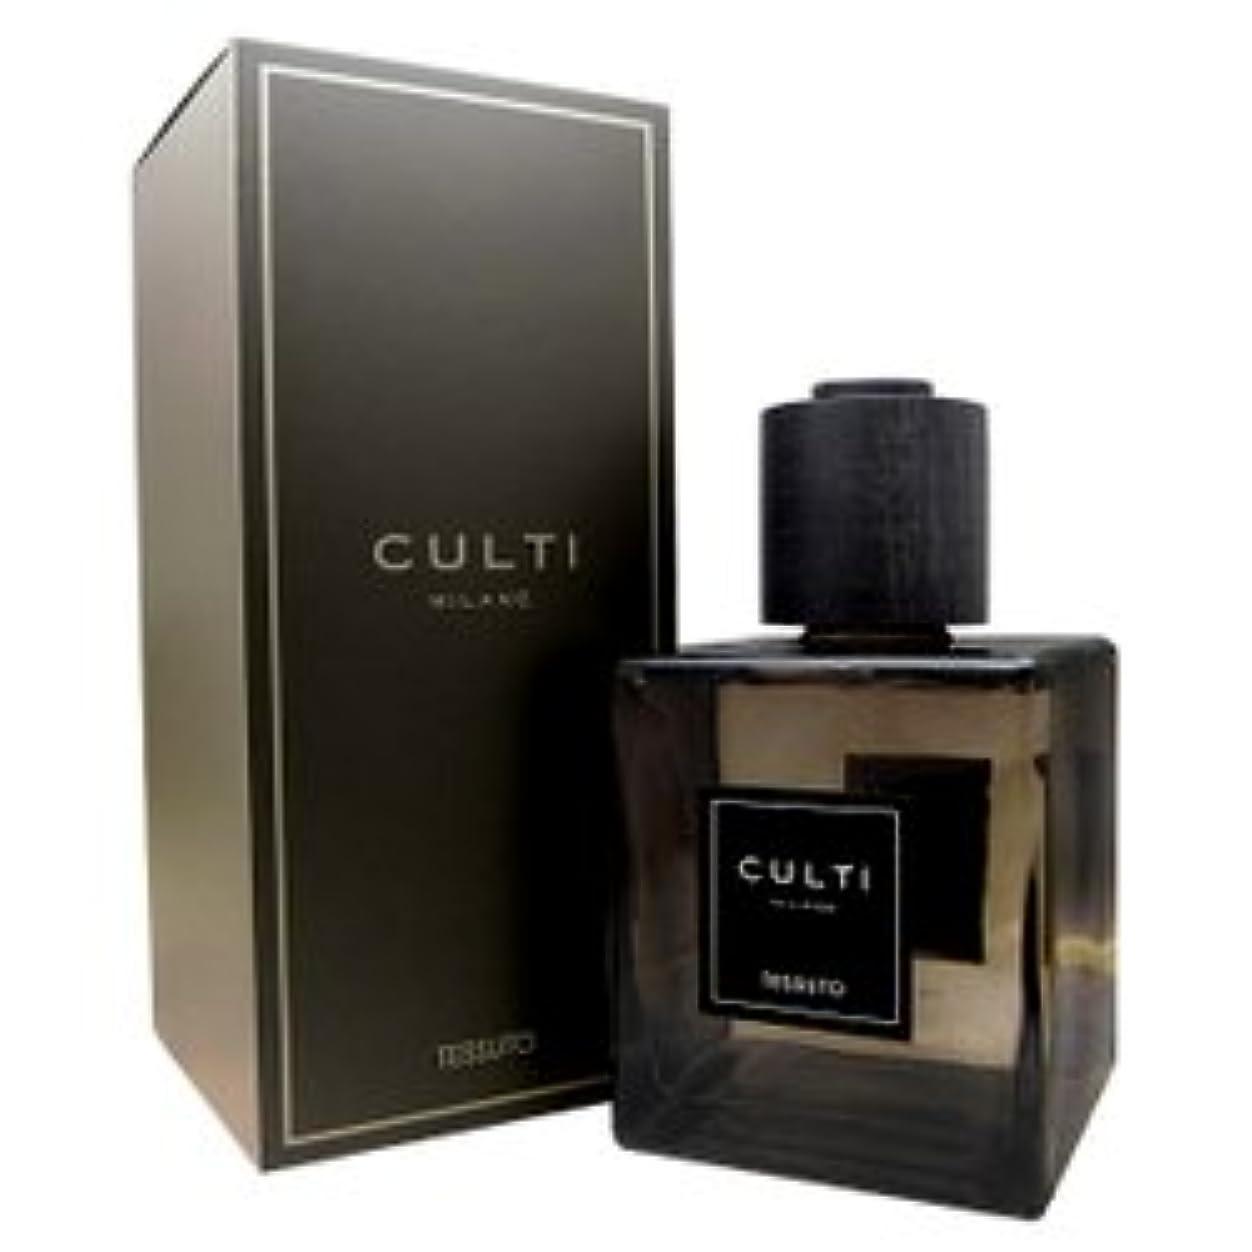 もろいチェスヘッジ【CULTI】クルティ デコールクラシック TESSUTO 500ml [並行輸入品]